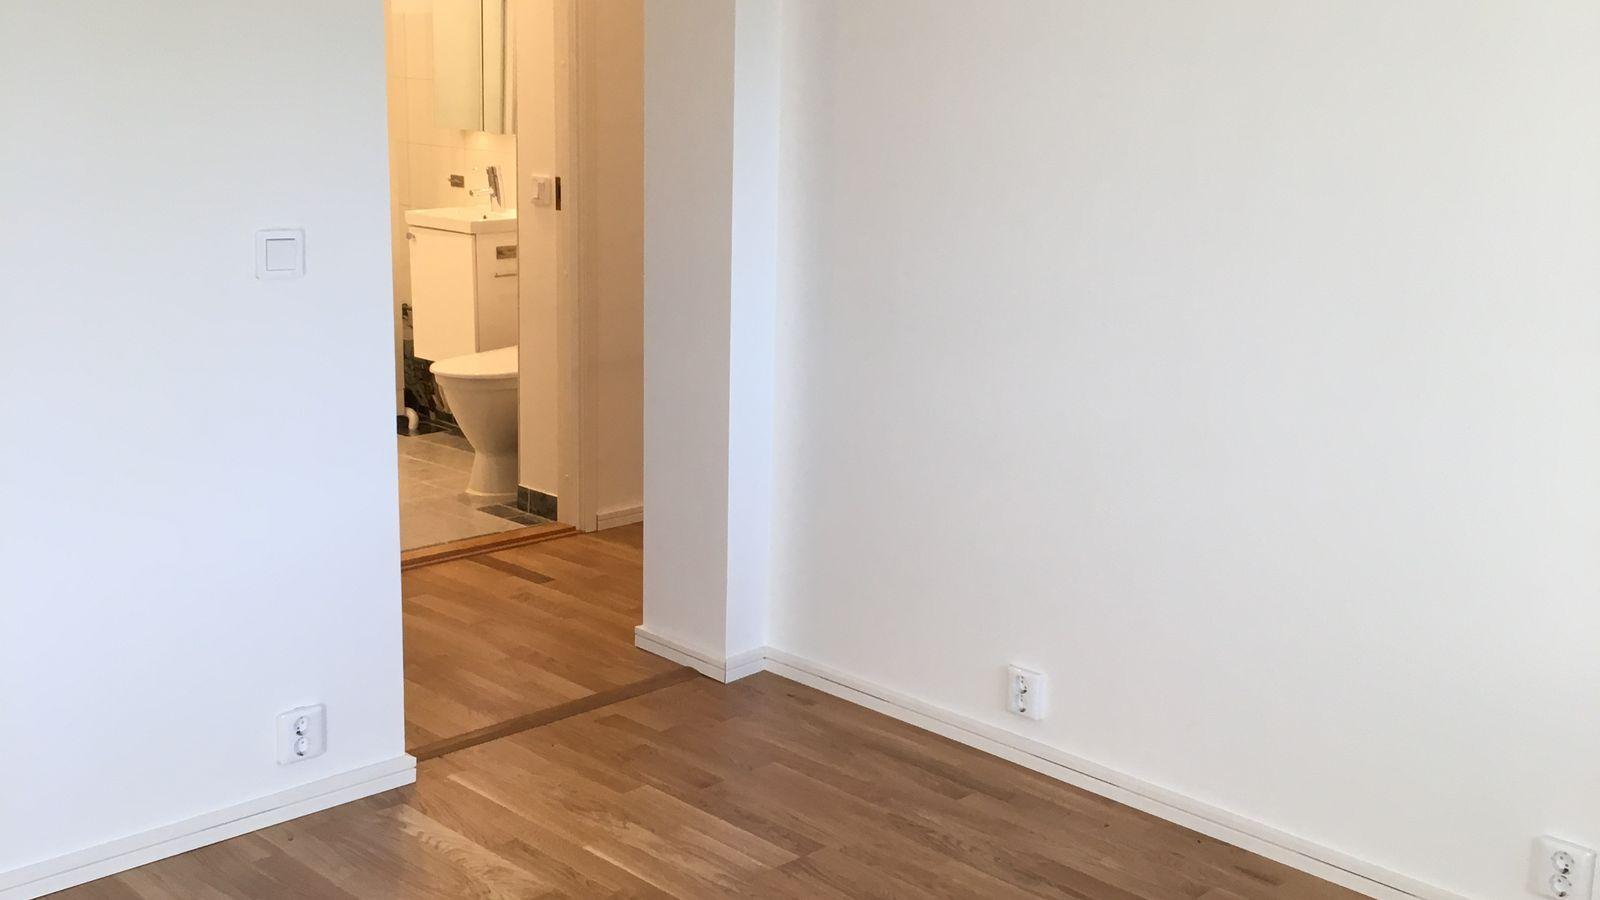 Ledig lägenhet i Härryda